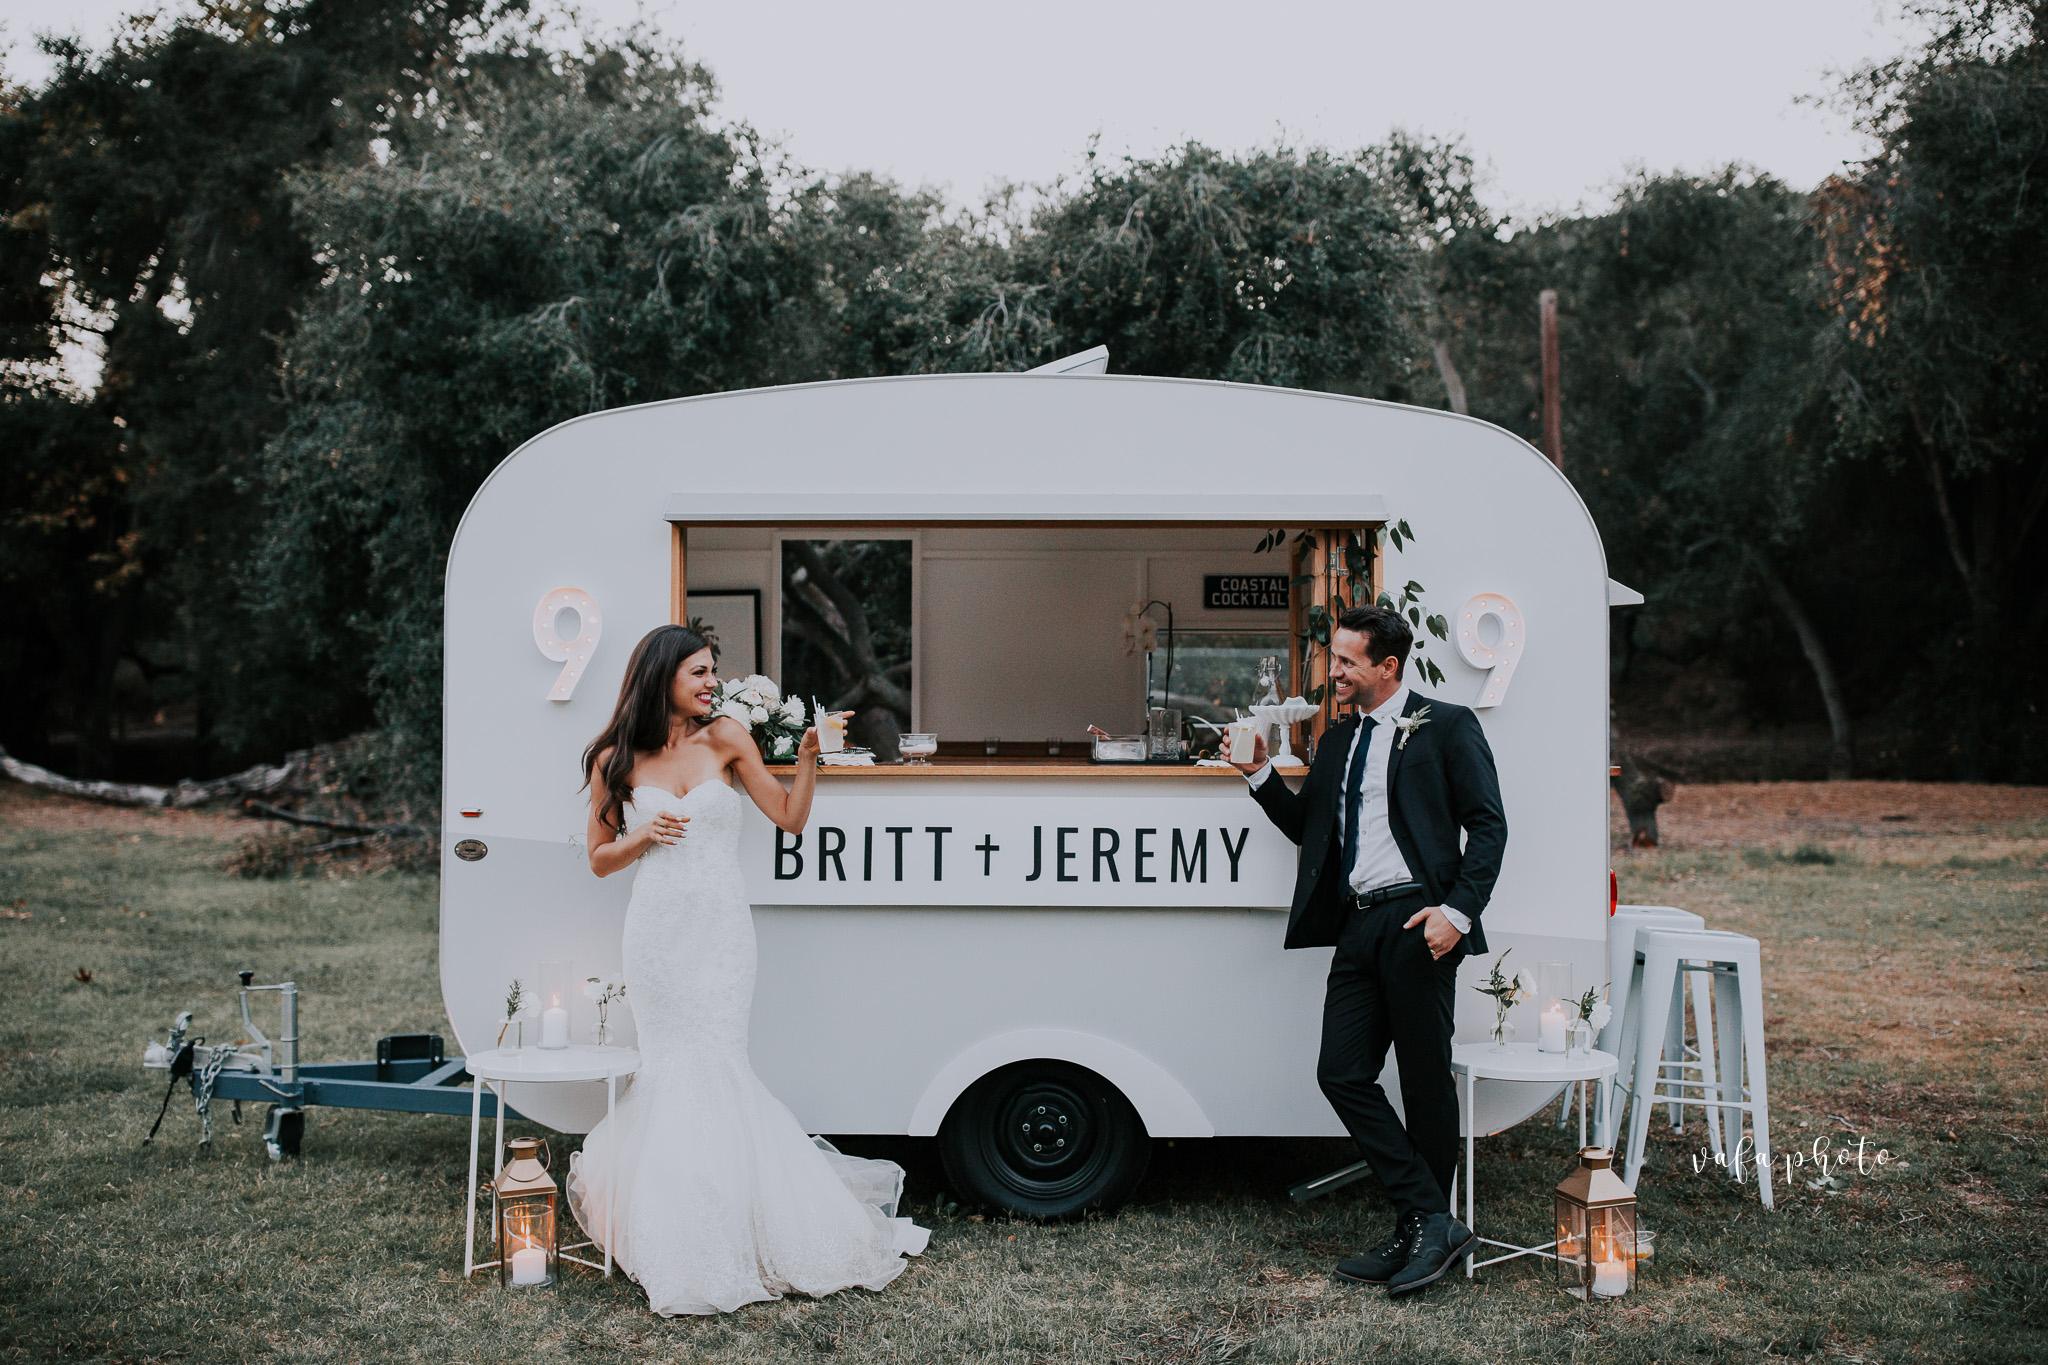 Southern-California-Wedding-Britt-Nilsson-Jeremy-Byrne-Vafa-Photo-837.jpg